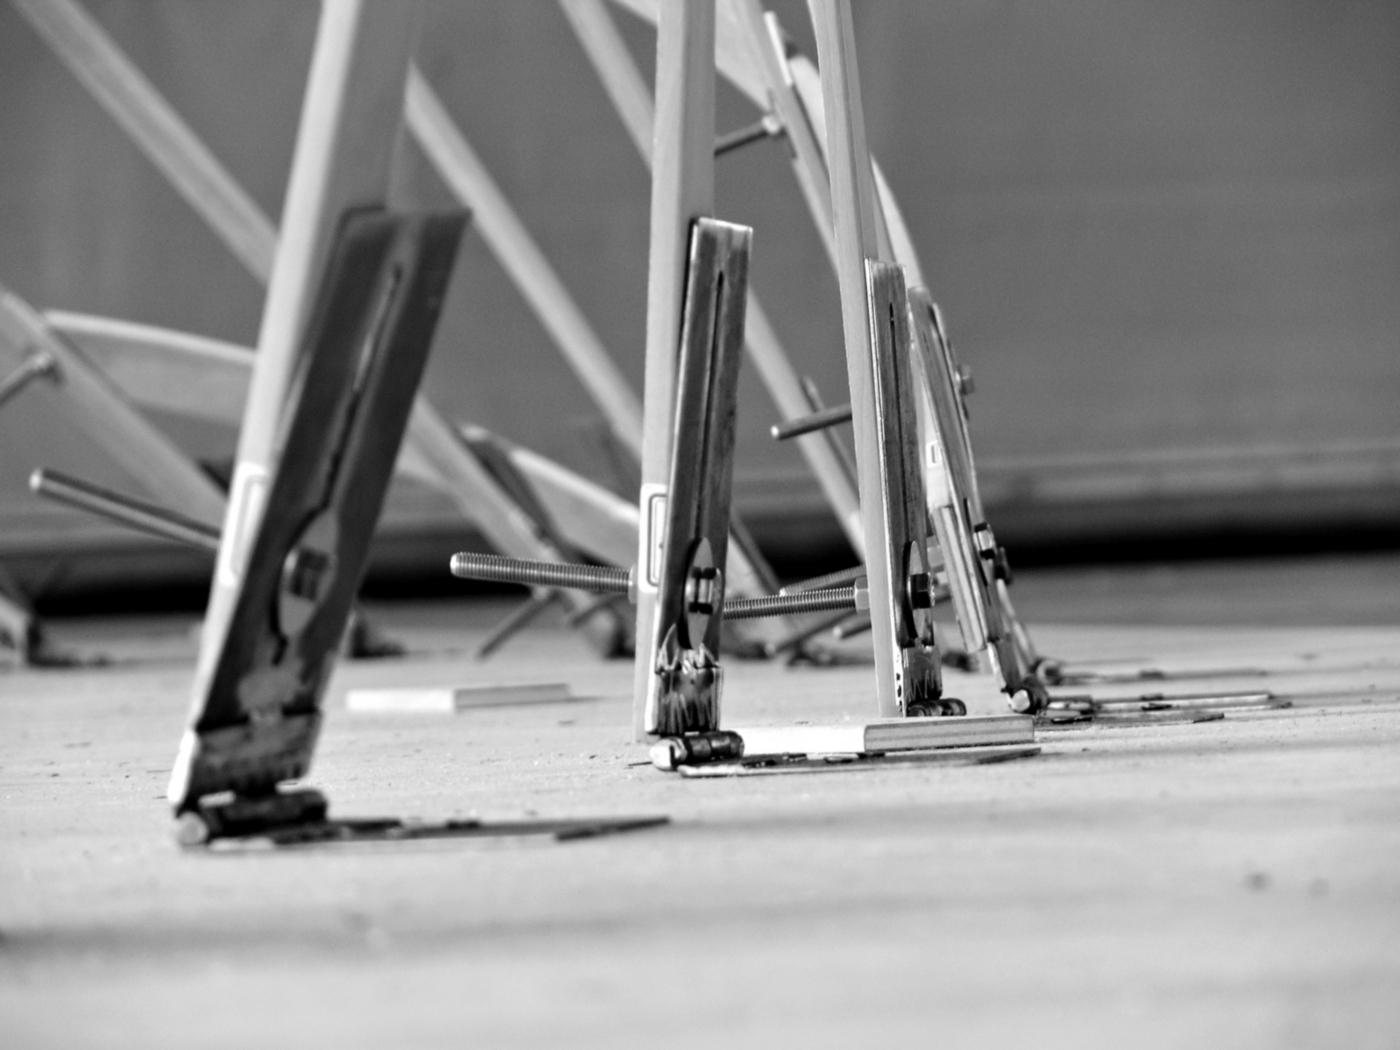 Un padiglione temporaneo sperimentale, con una struttura a gridhsell ibrido che realizza una forma sinuosa, suadente. Dettaglio degli attacchi a terra | Bottega di Architettura